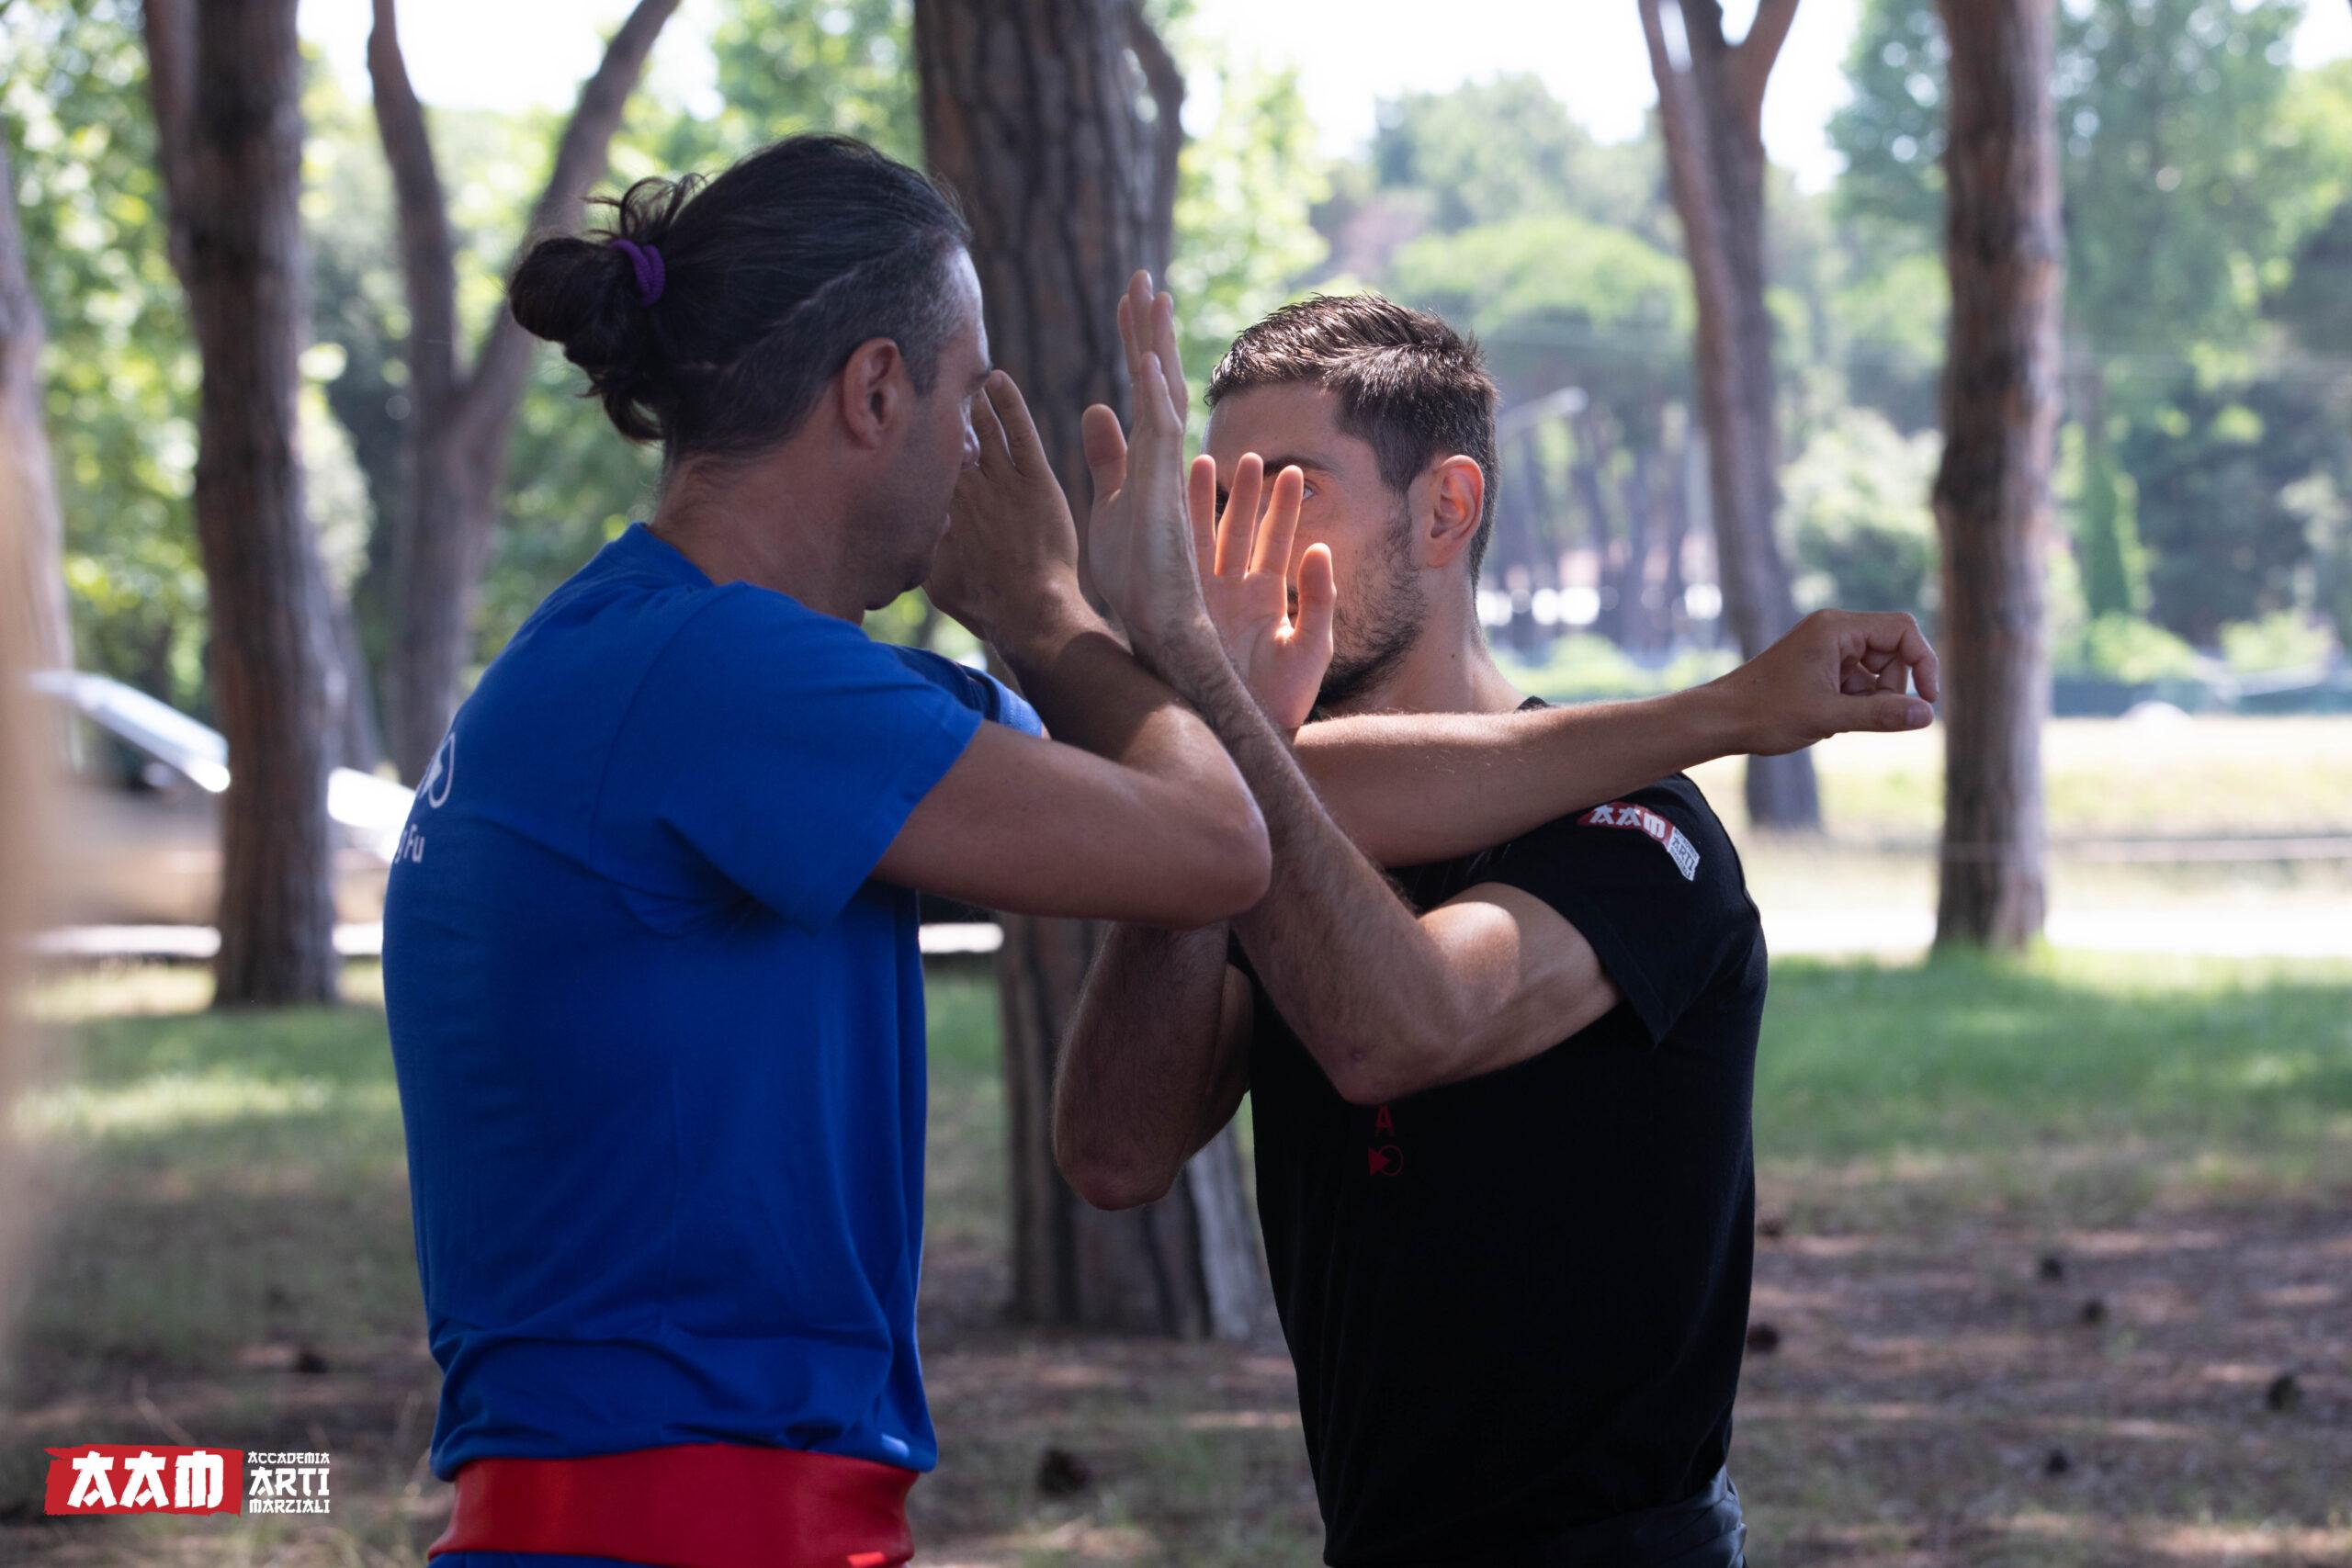 imparare-a-gestire-le-difficoltà-wing-chun